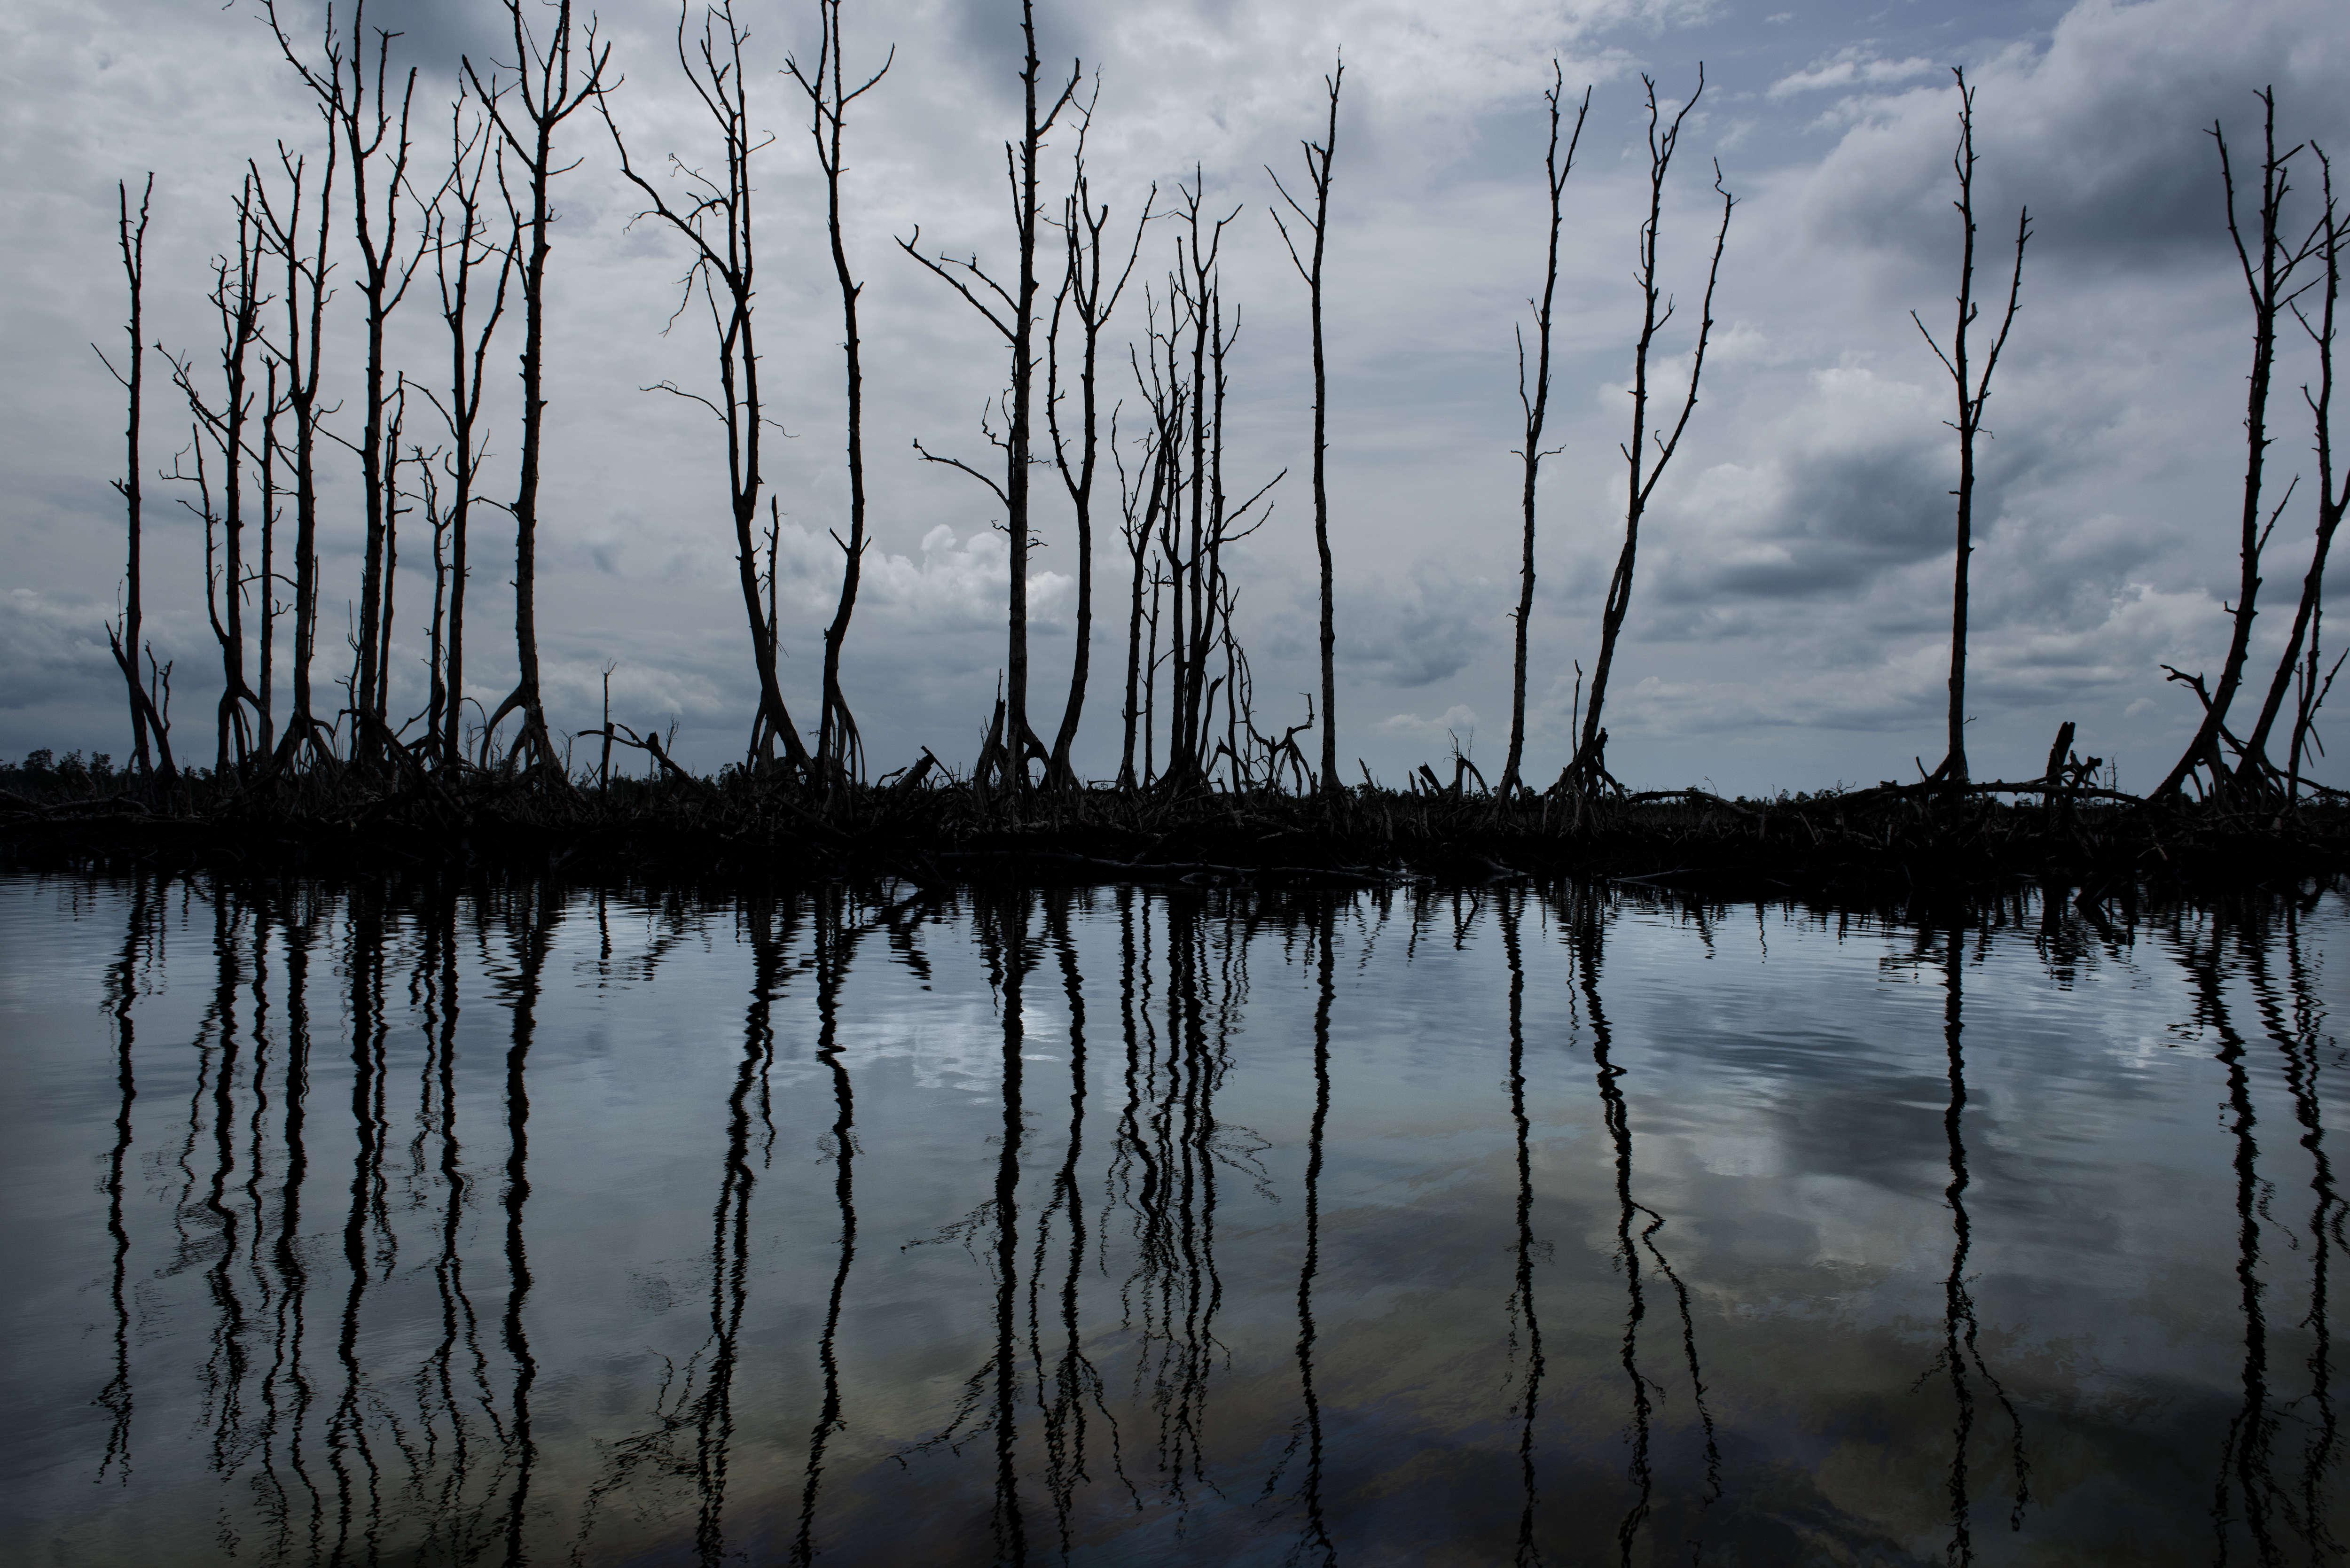 Le delta du Niger, région d'agriculteurs et de pêcheurs, est devenu l'une des plus polluées de la planète. Quelque 7000fuites de pétrole ont été comptabilisées entre 1970 et 2000.